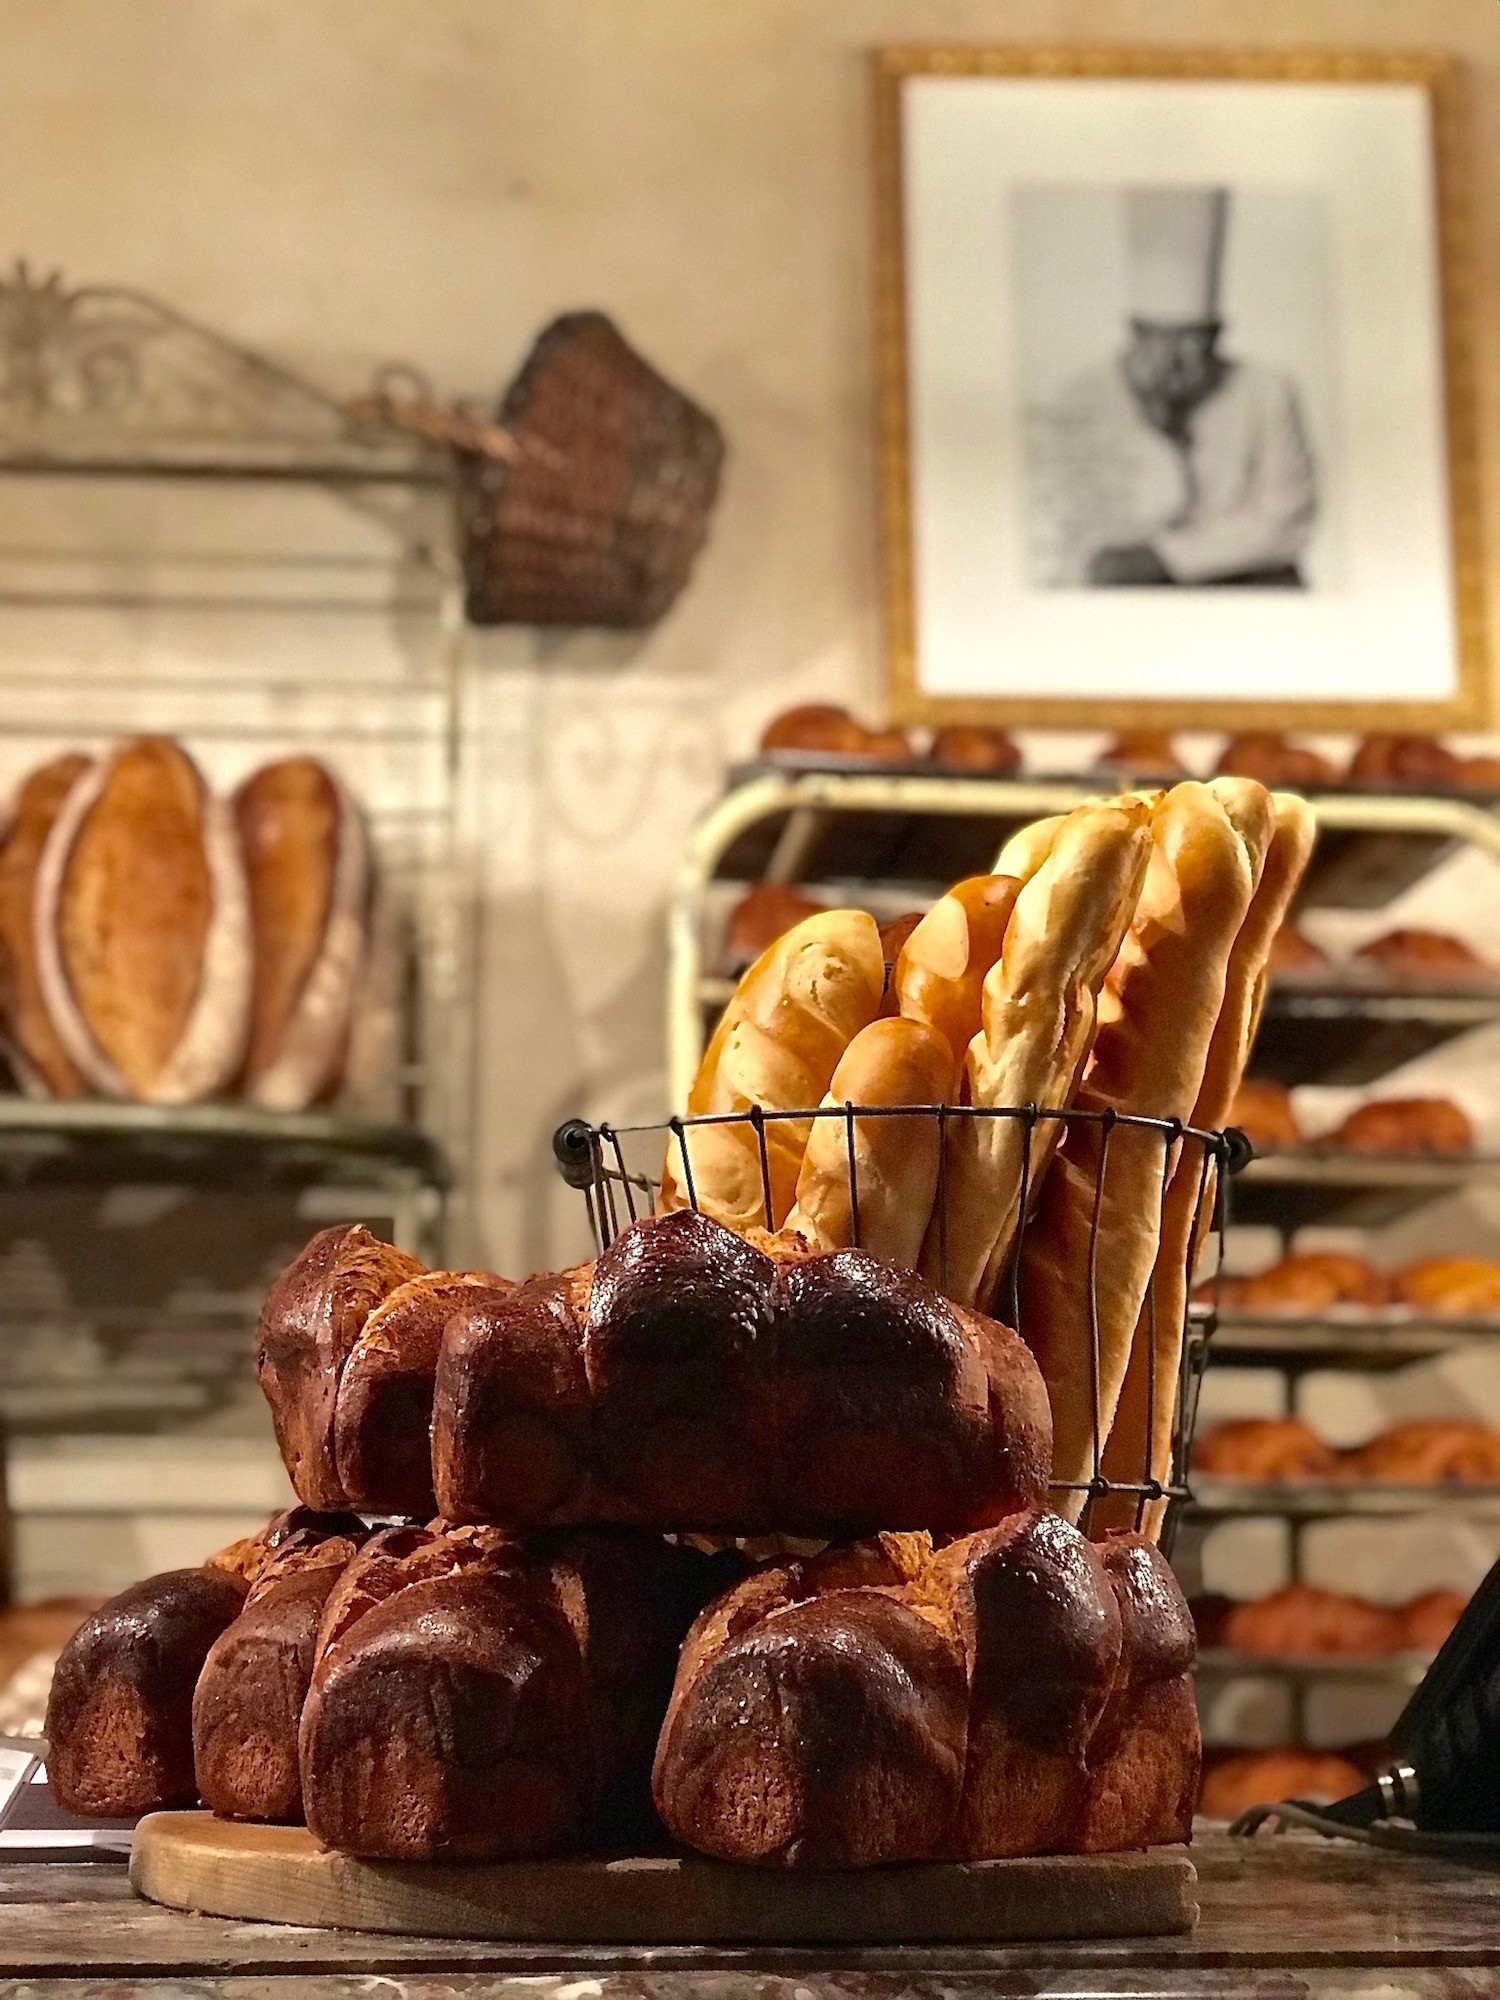 Boulangerie de l'Hôtel de ville Bordeaux